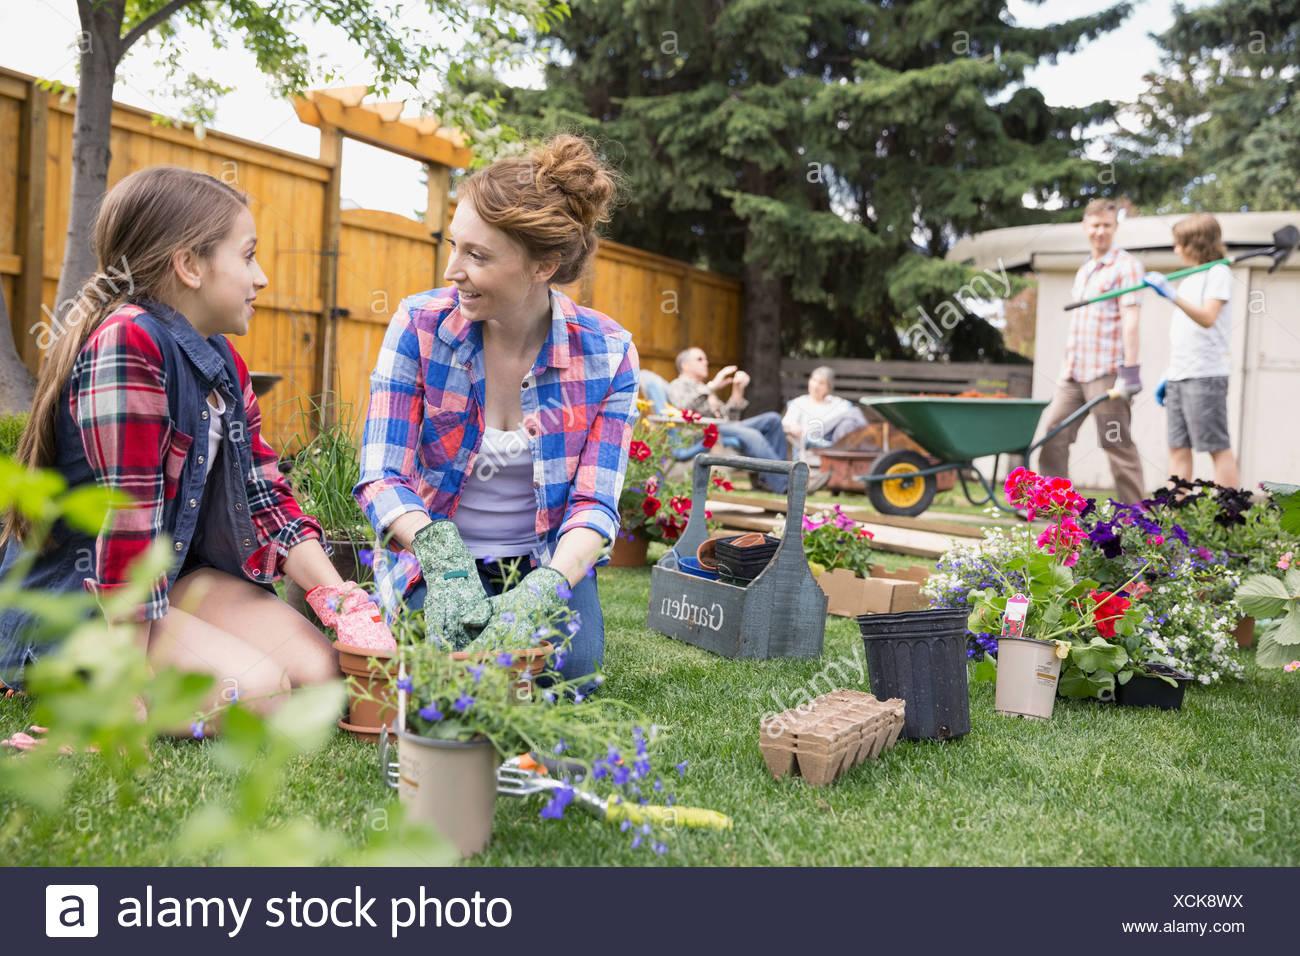 Madre e hija de plantar flores en el jardín Imagen De Stock